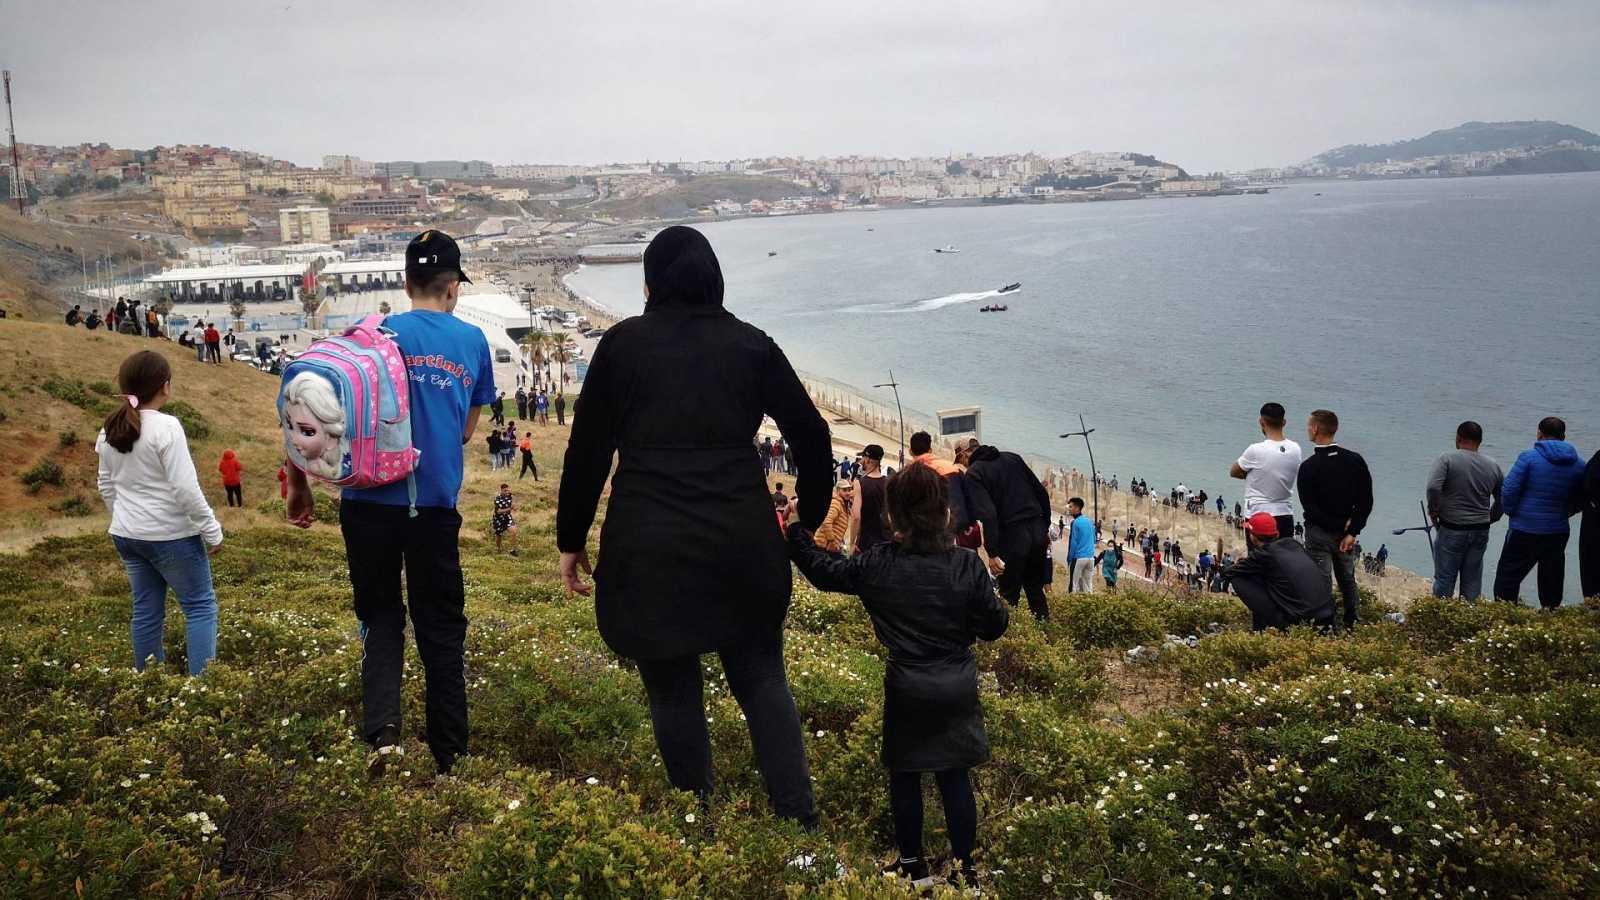 Pasividad policial en Marruecos ante la avalancha de migrantes hacia España